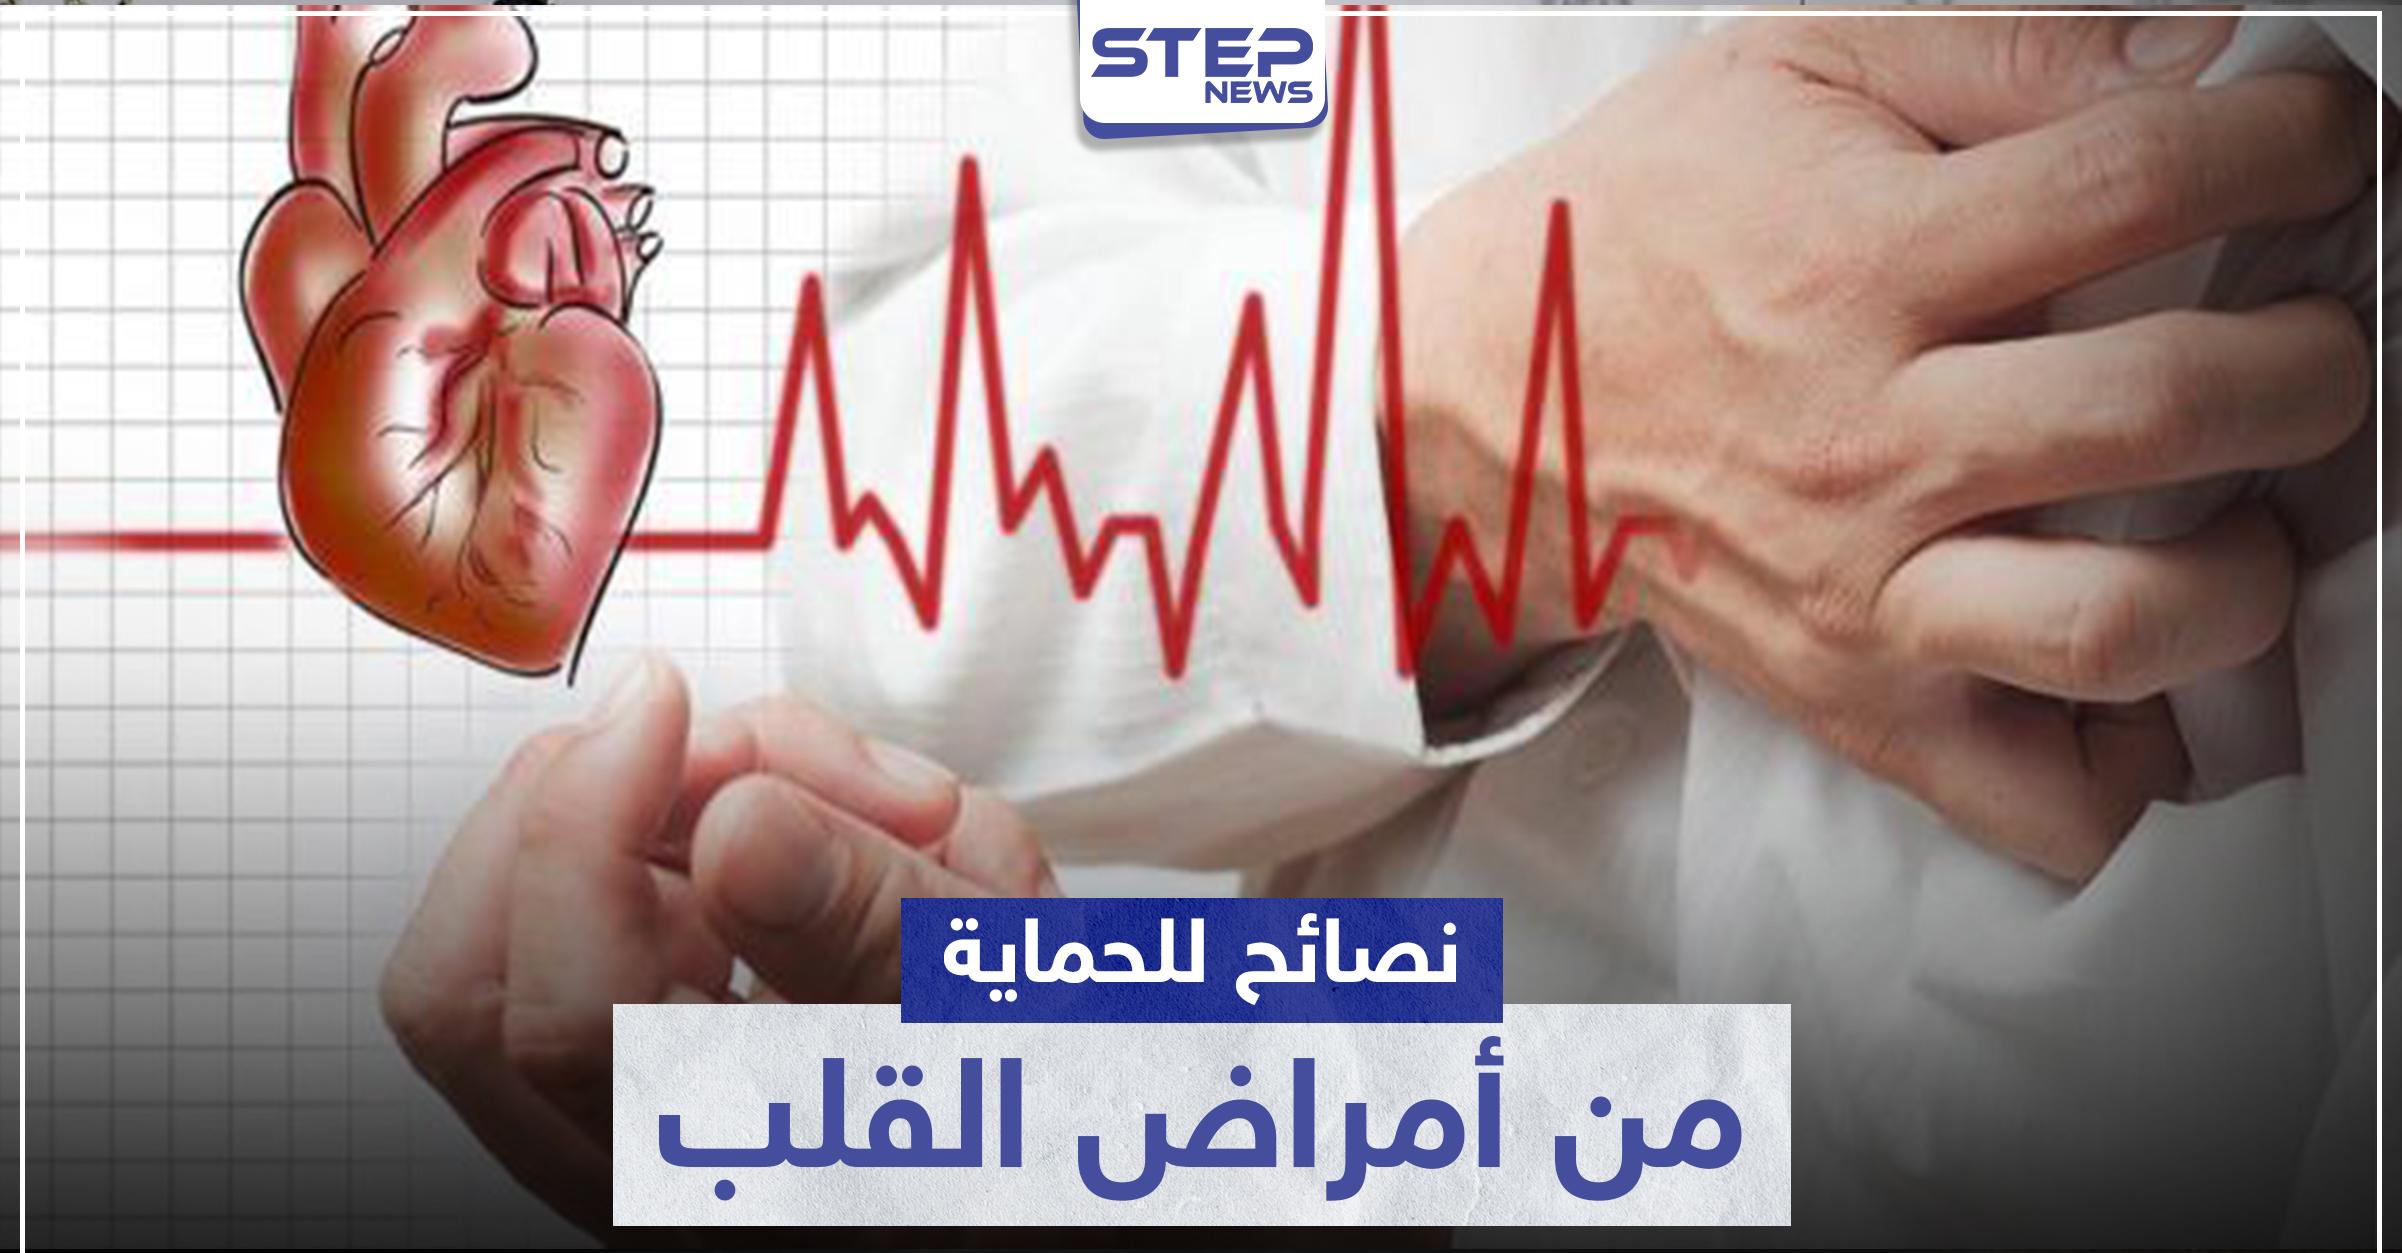 أفضل الوجبات وأنواع الأطعمة للحماية من أمراض القلب